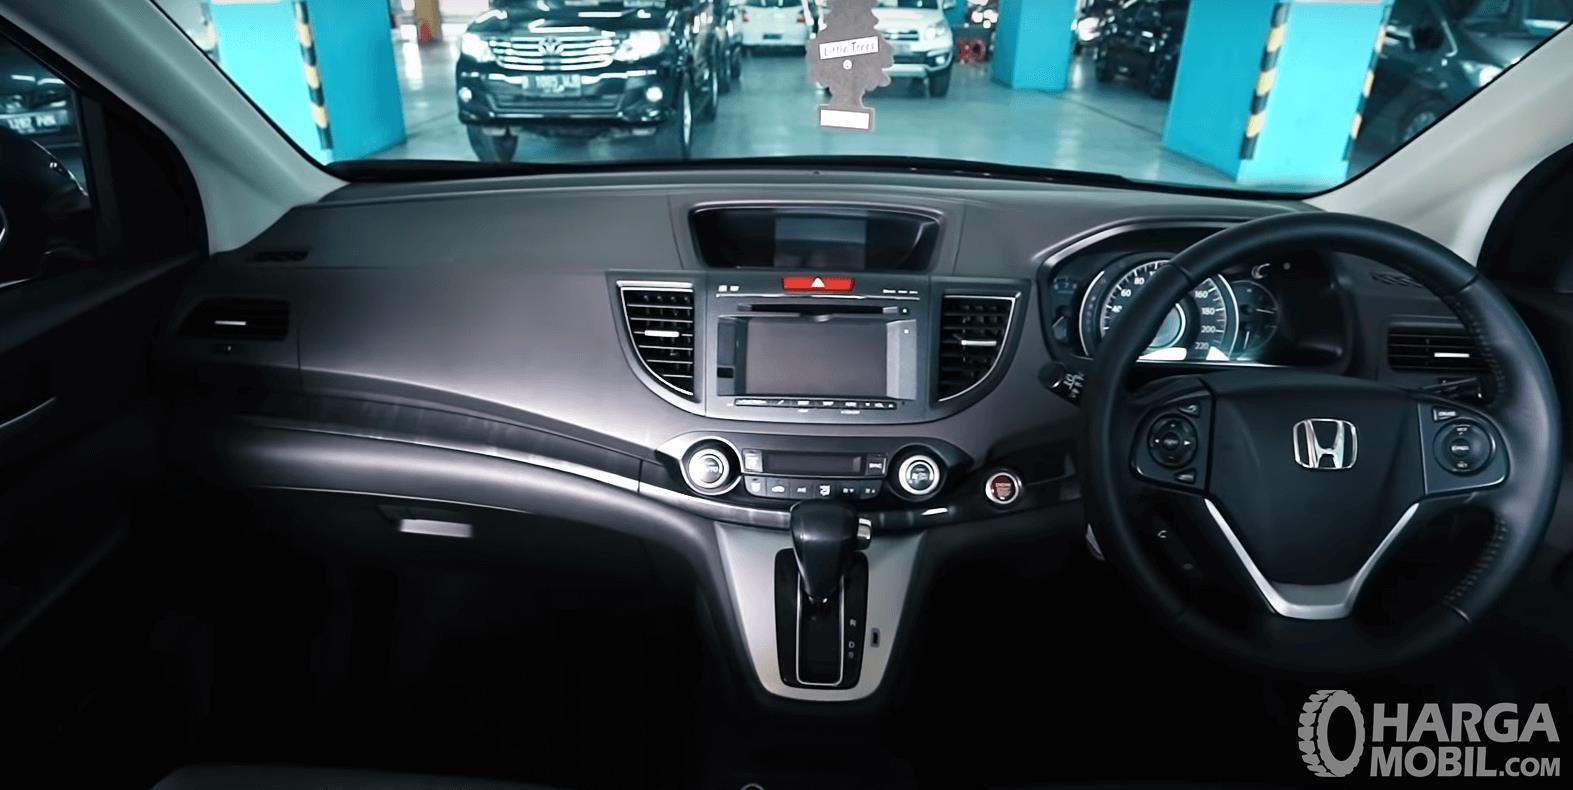 Gambar ini menunjukkan dashboard dan kemudi mobil Honda CR-V 2.4 Prestige 2013